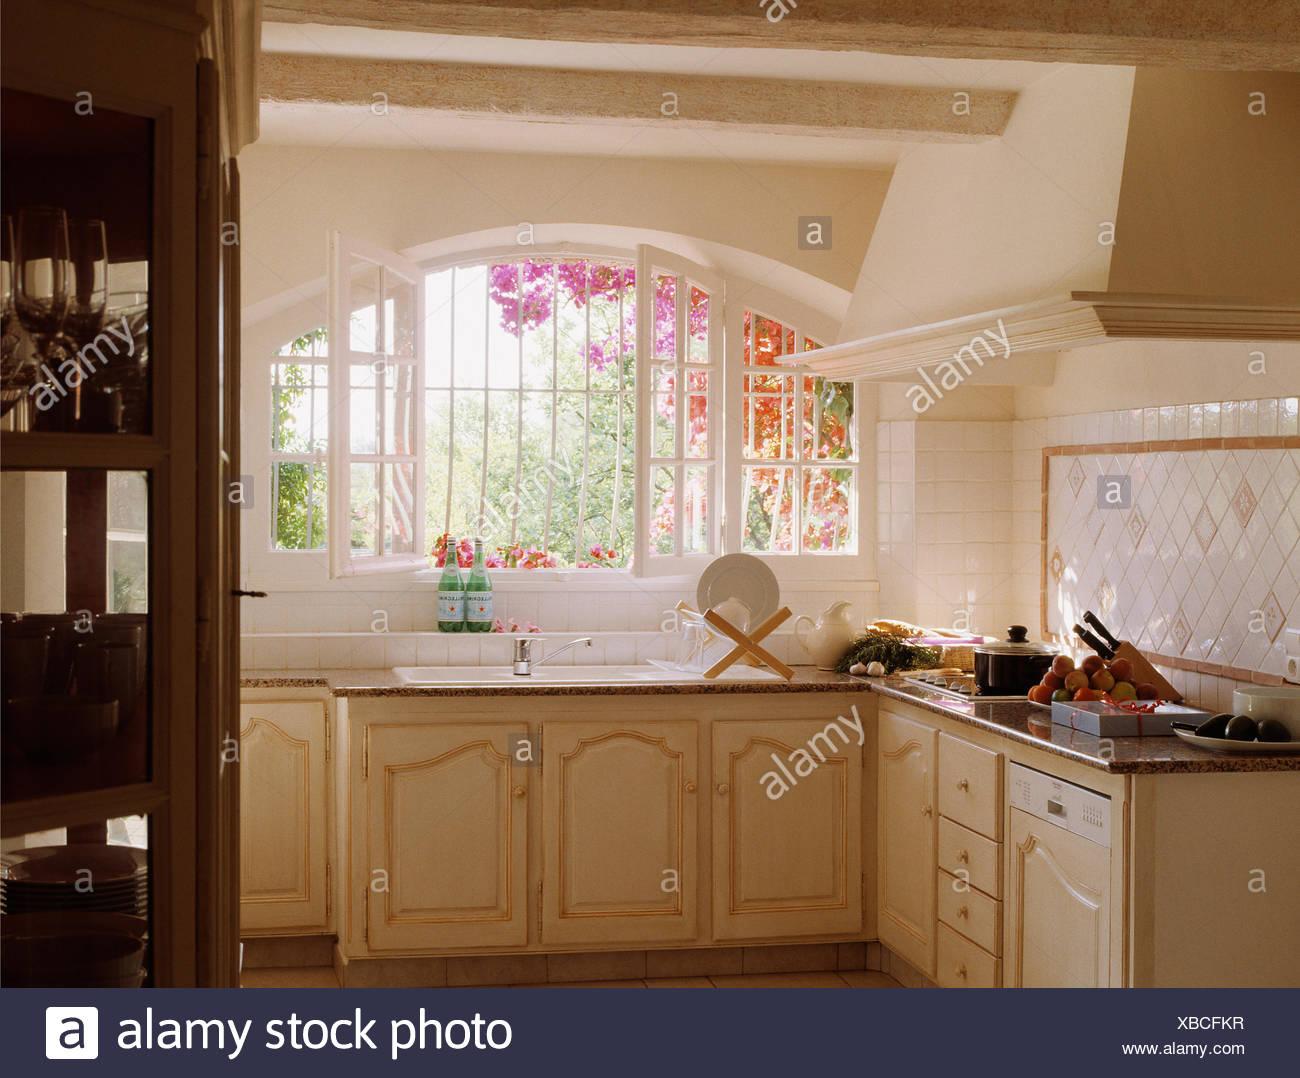 Cucina angolare lavello sotto finestra cucine ad angolo con lavello sotto finestra - Cucina ad angolo con finestra ...